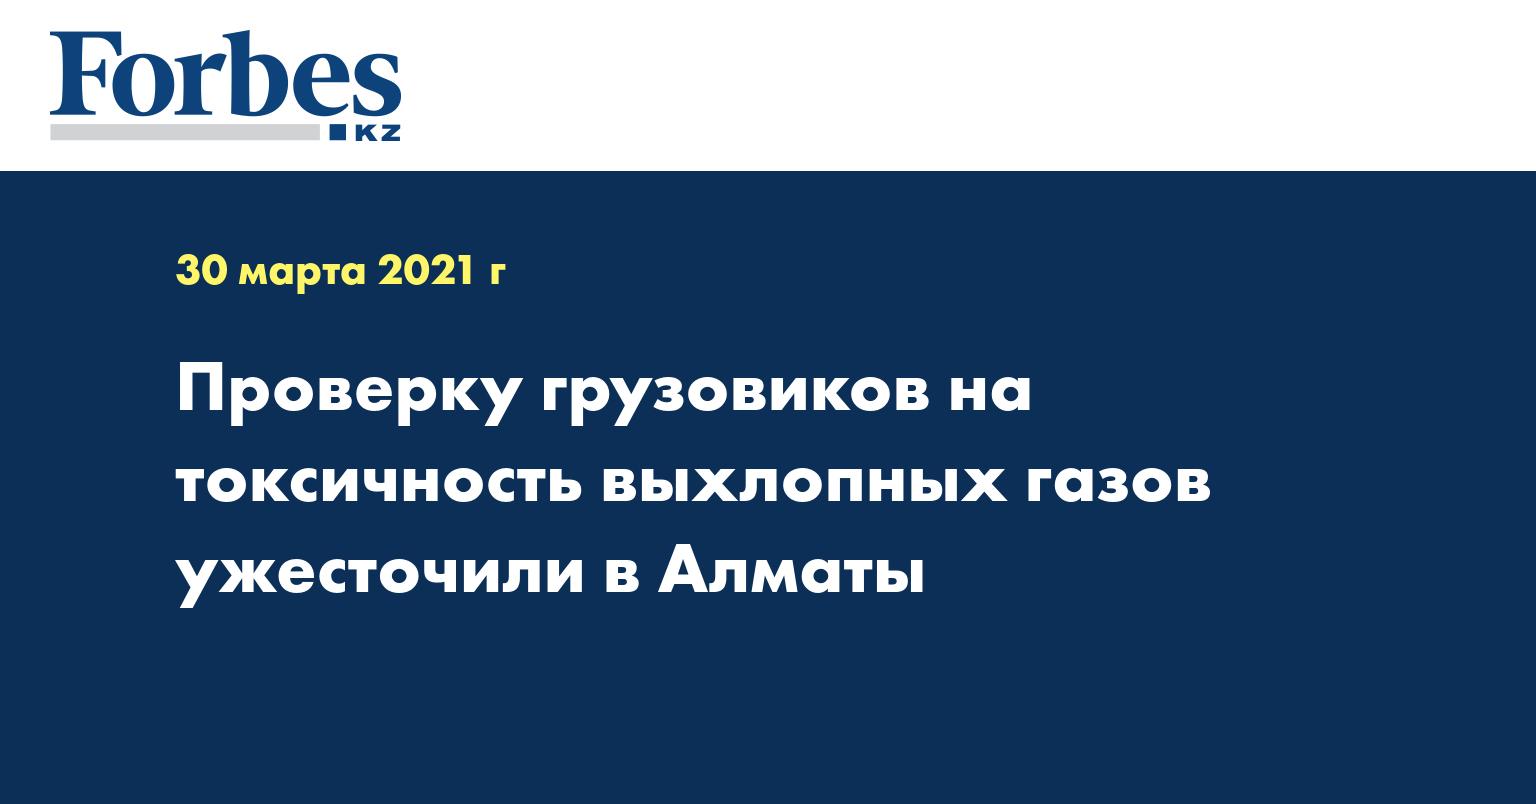 Проверку грузовиков на токсичность выхлопных газов ужесточили в Алматы